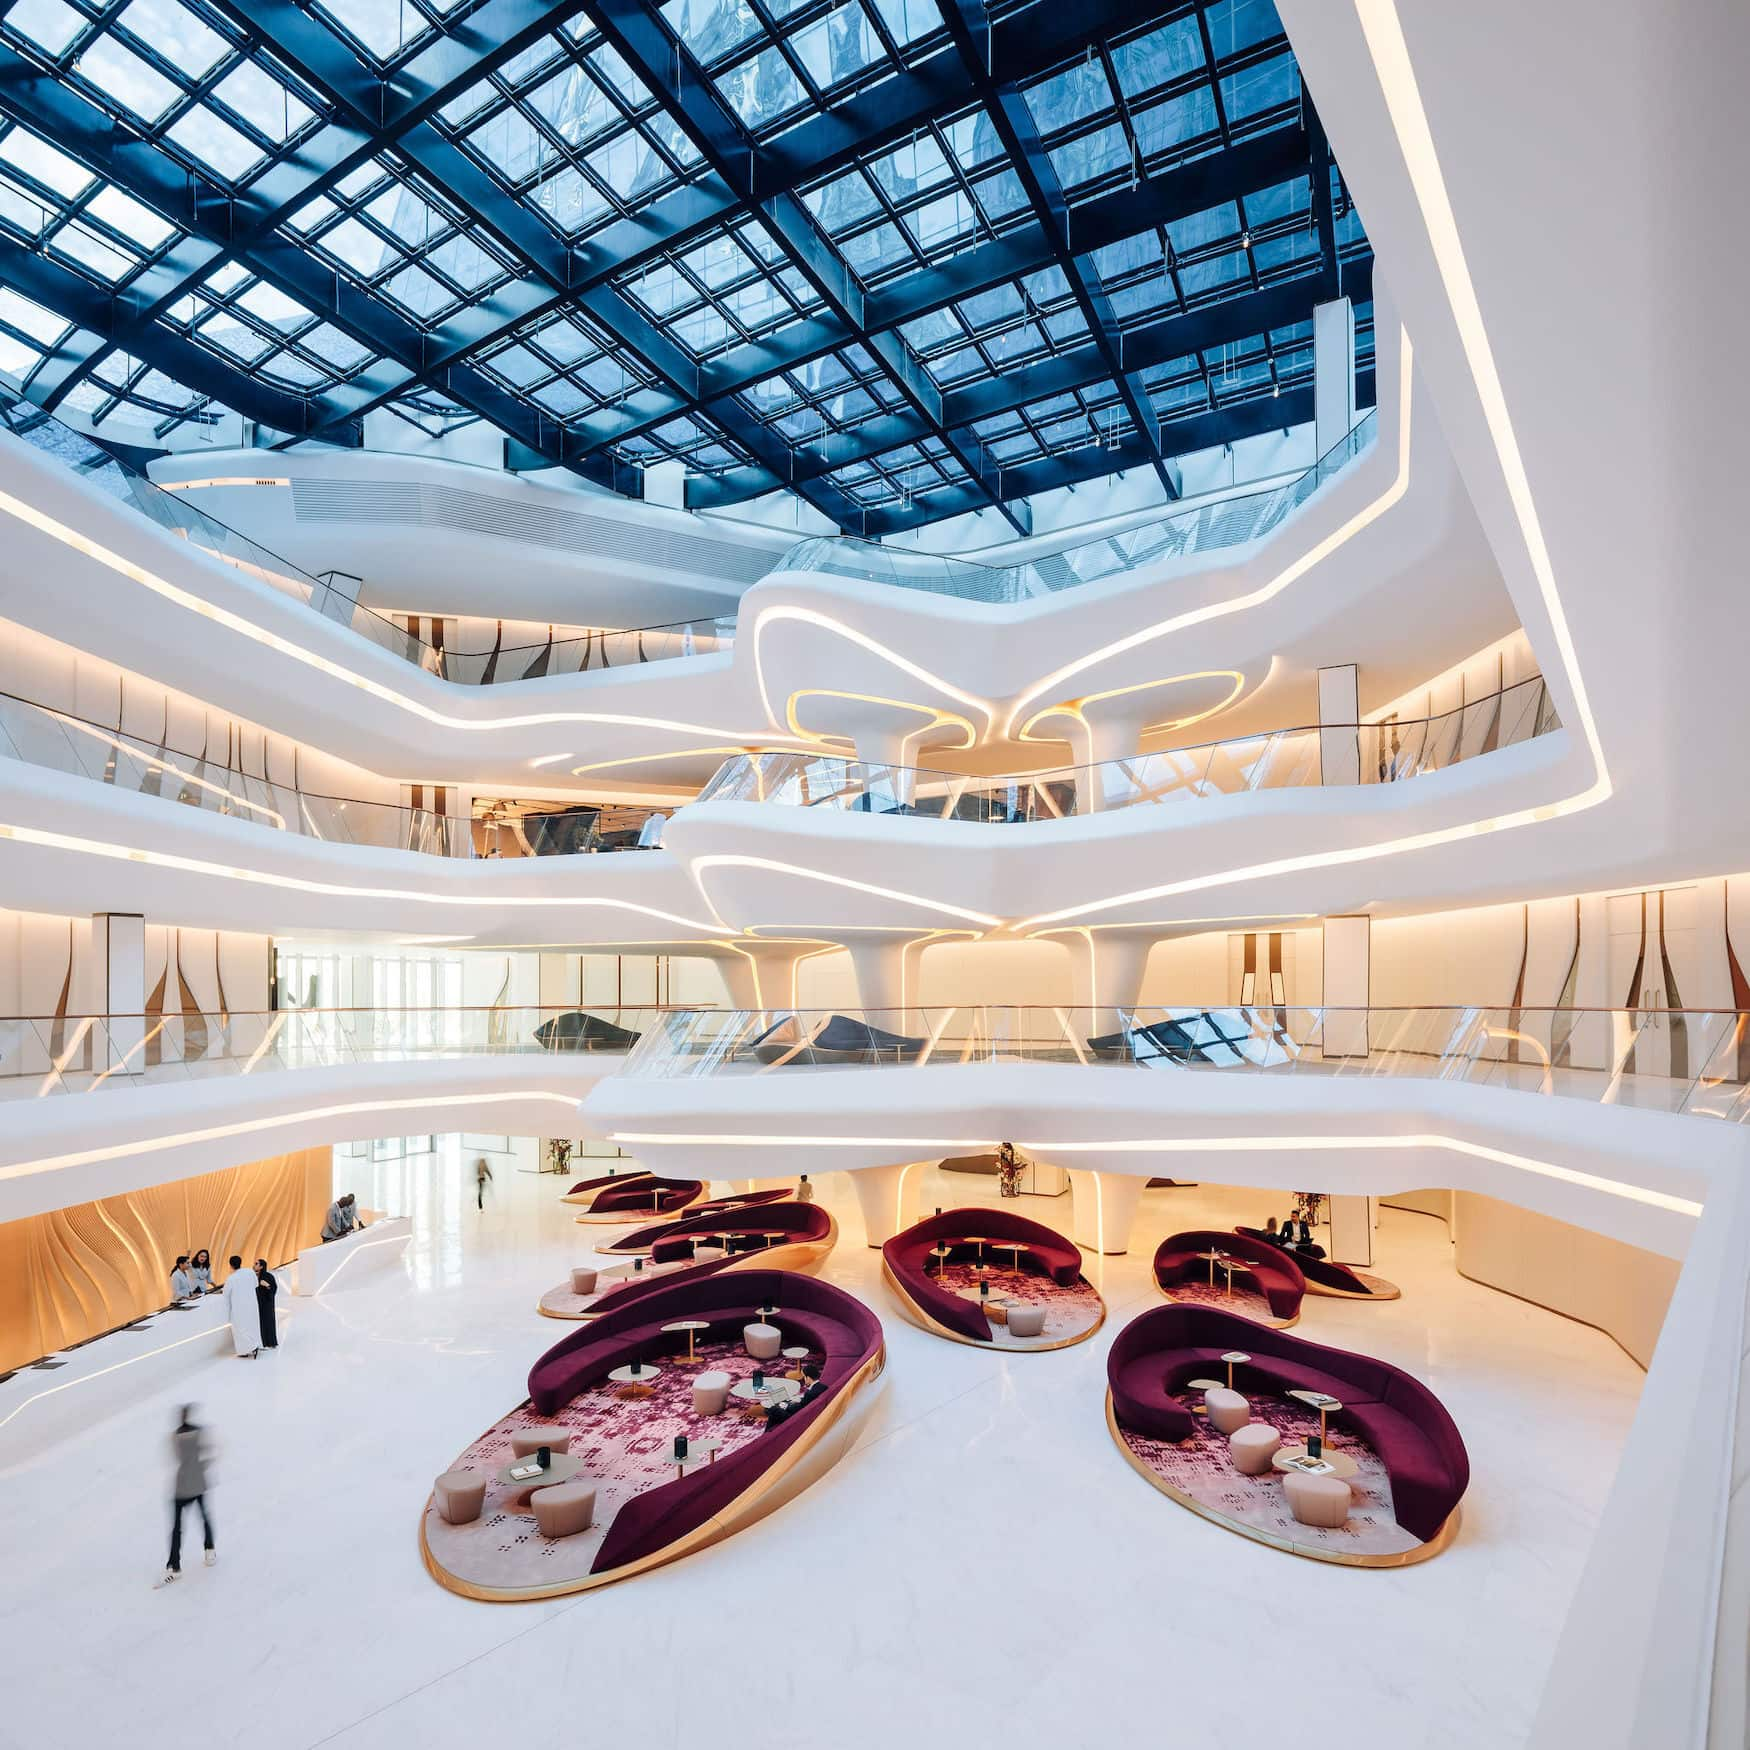 Was ein Architekturhotel! Die Lobby im ME Dubai verzaubert durch außergewöhnliche Formen